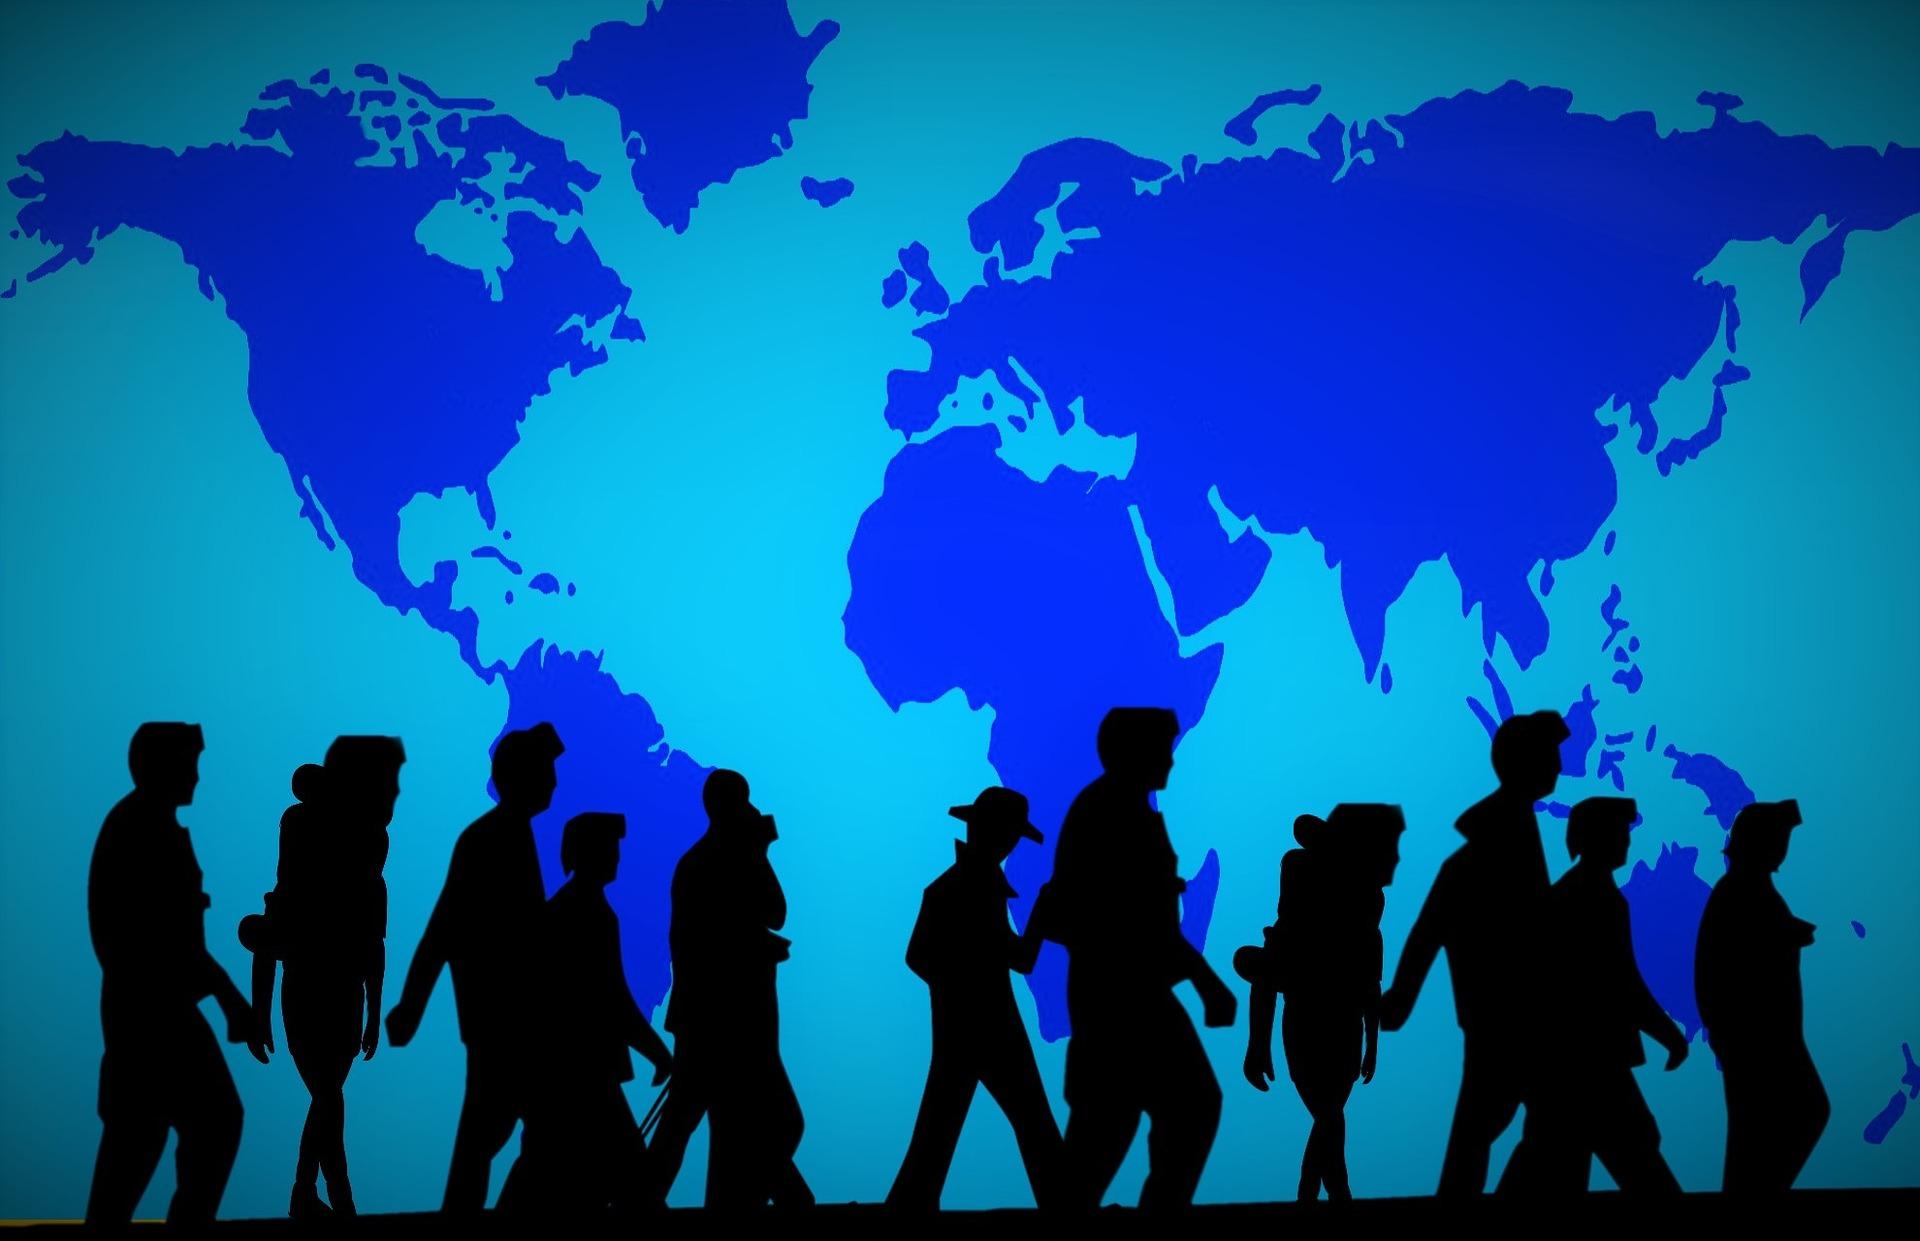 verden migranter flygtninge udlændinge